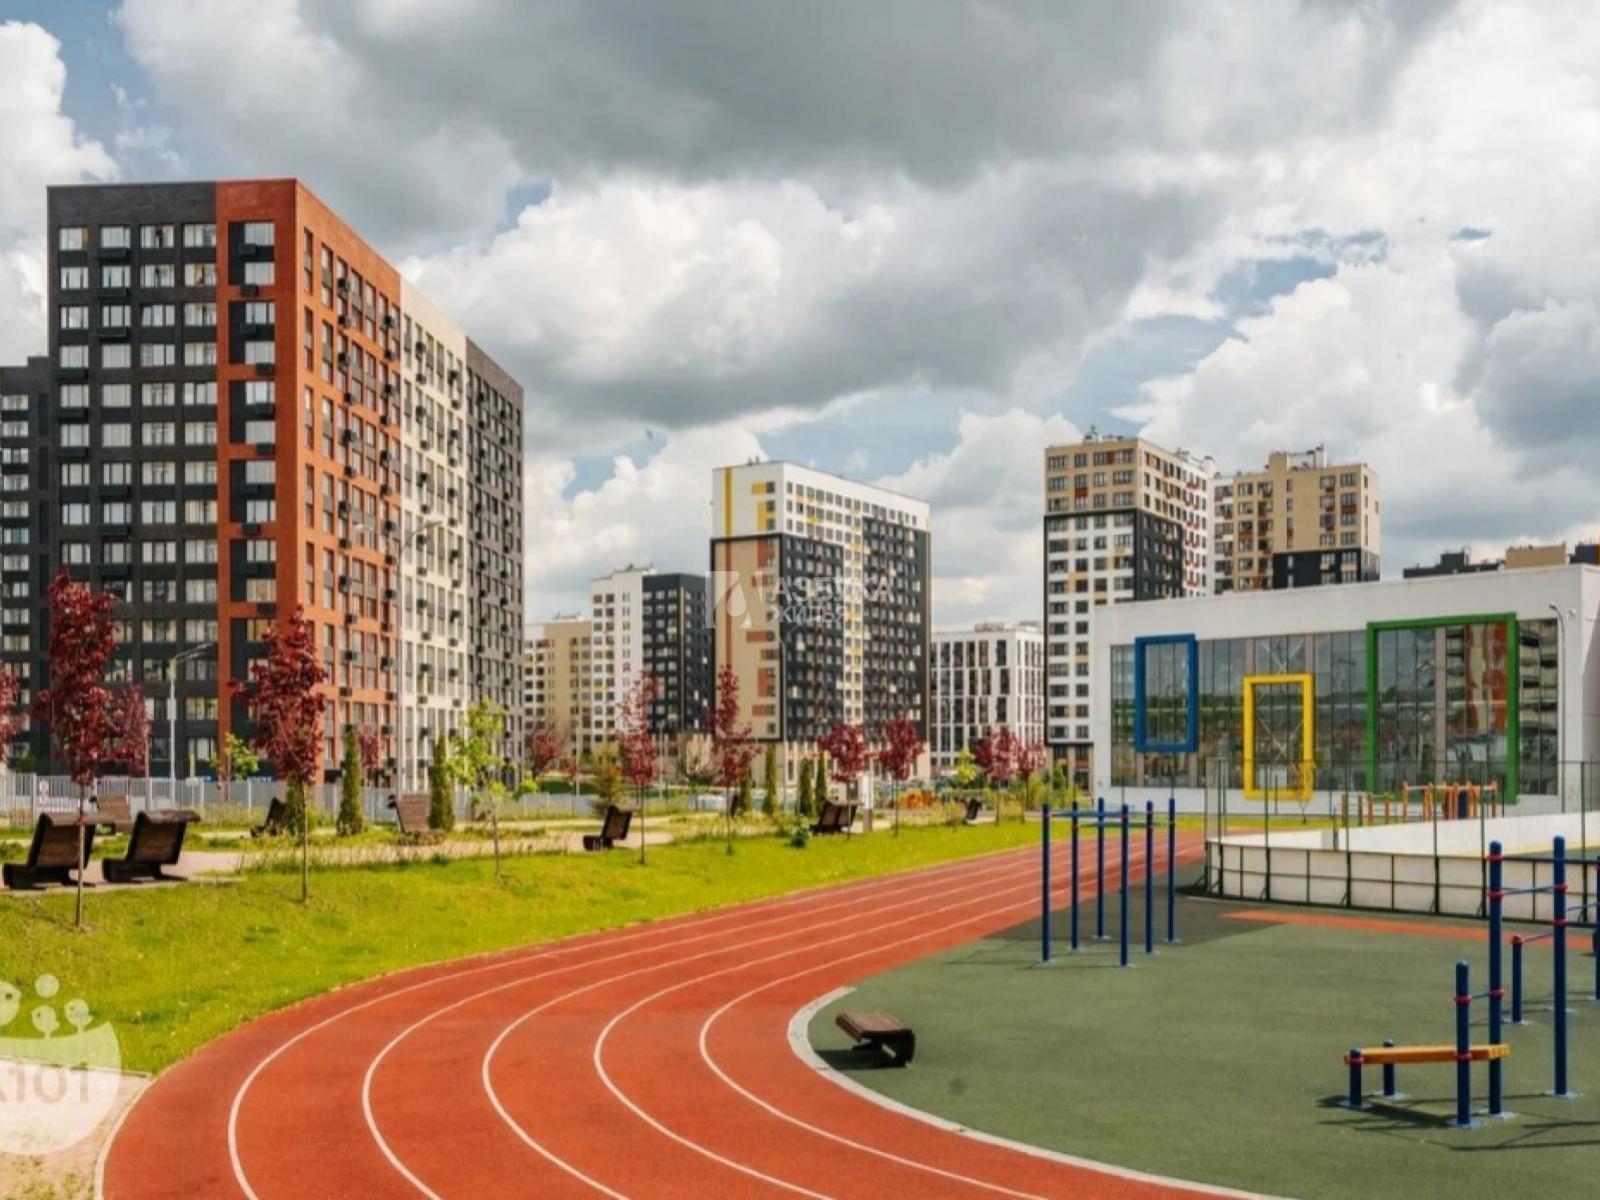 Фото №1 - 2-комнатная квартира, Москва, поселок Коммунарка, Александры Монаховой улица 43 корпус 1, метро Коммунарка